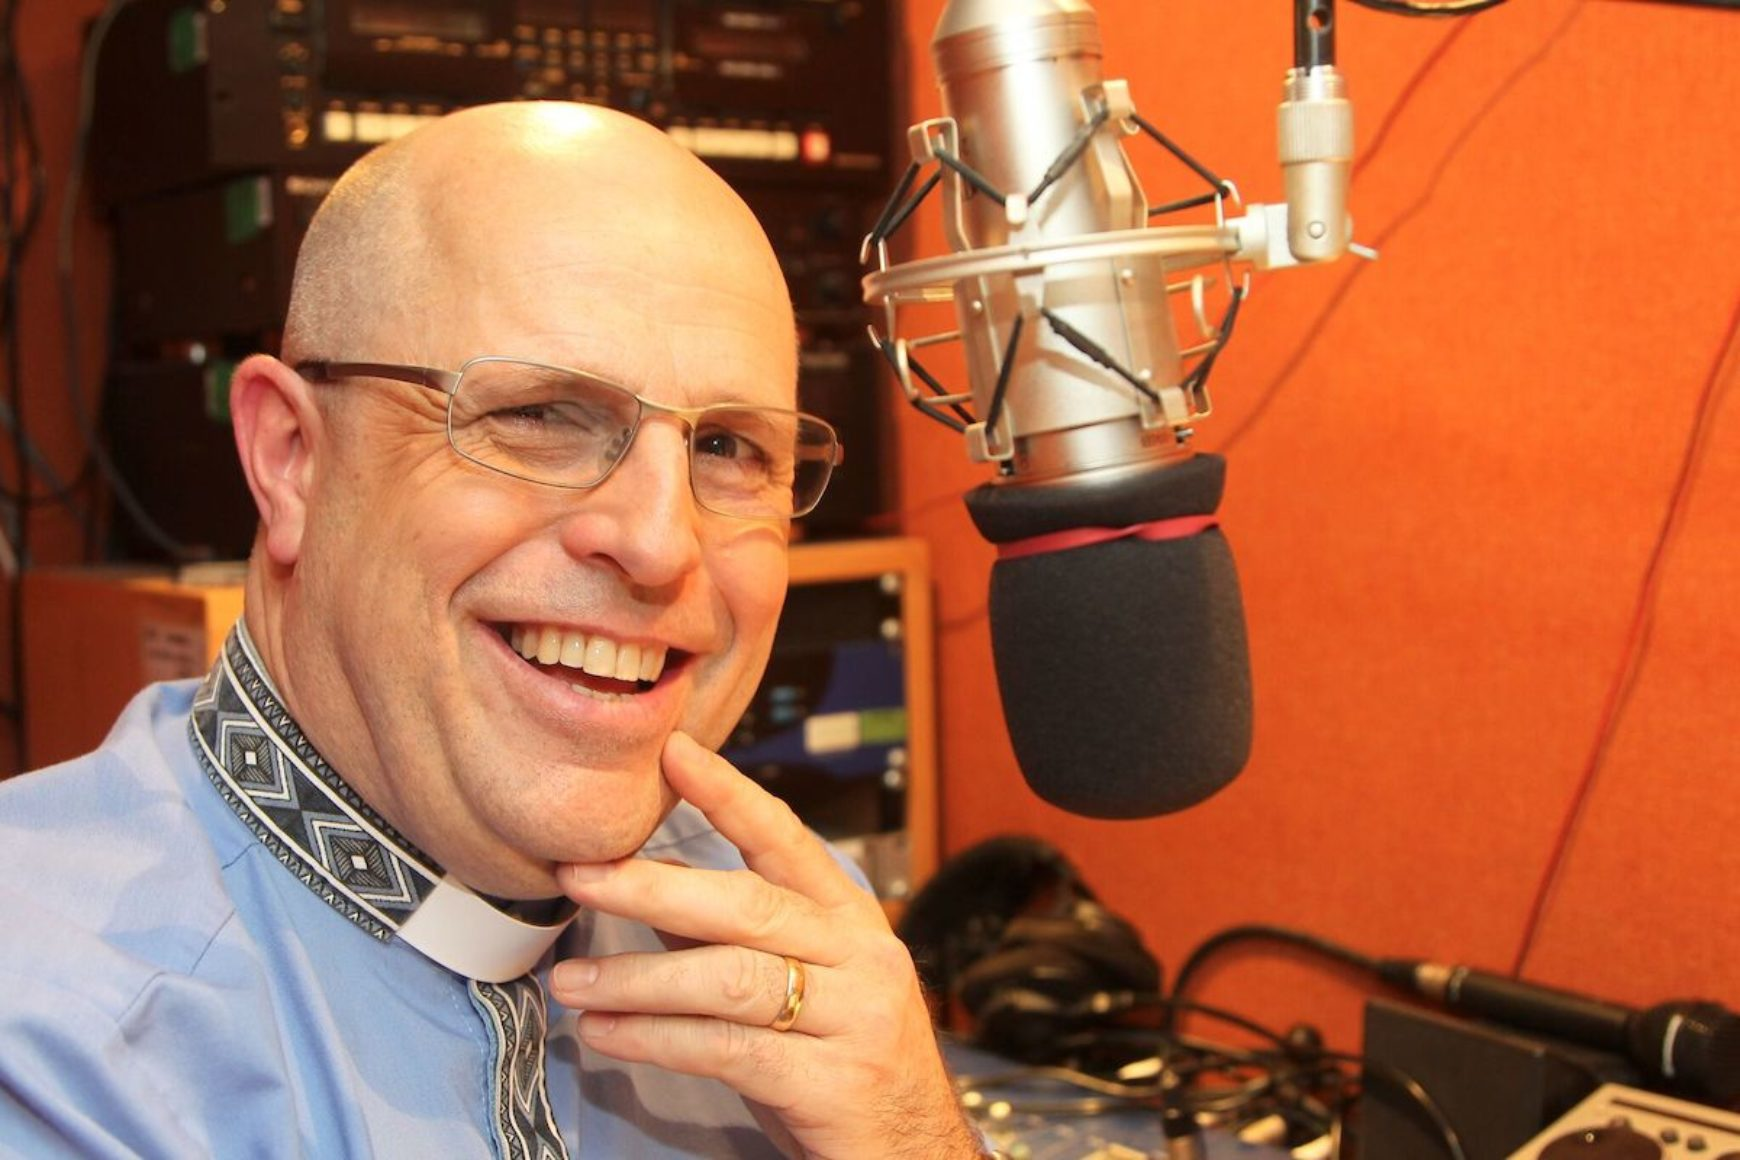 Revd Tony Miles nominated for Radio Award